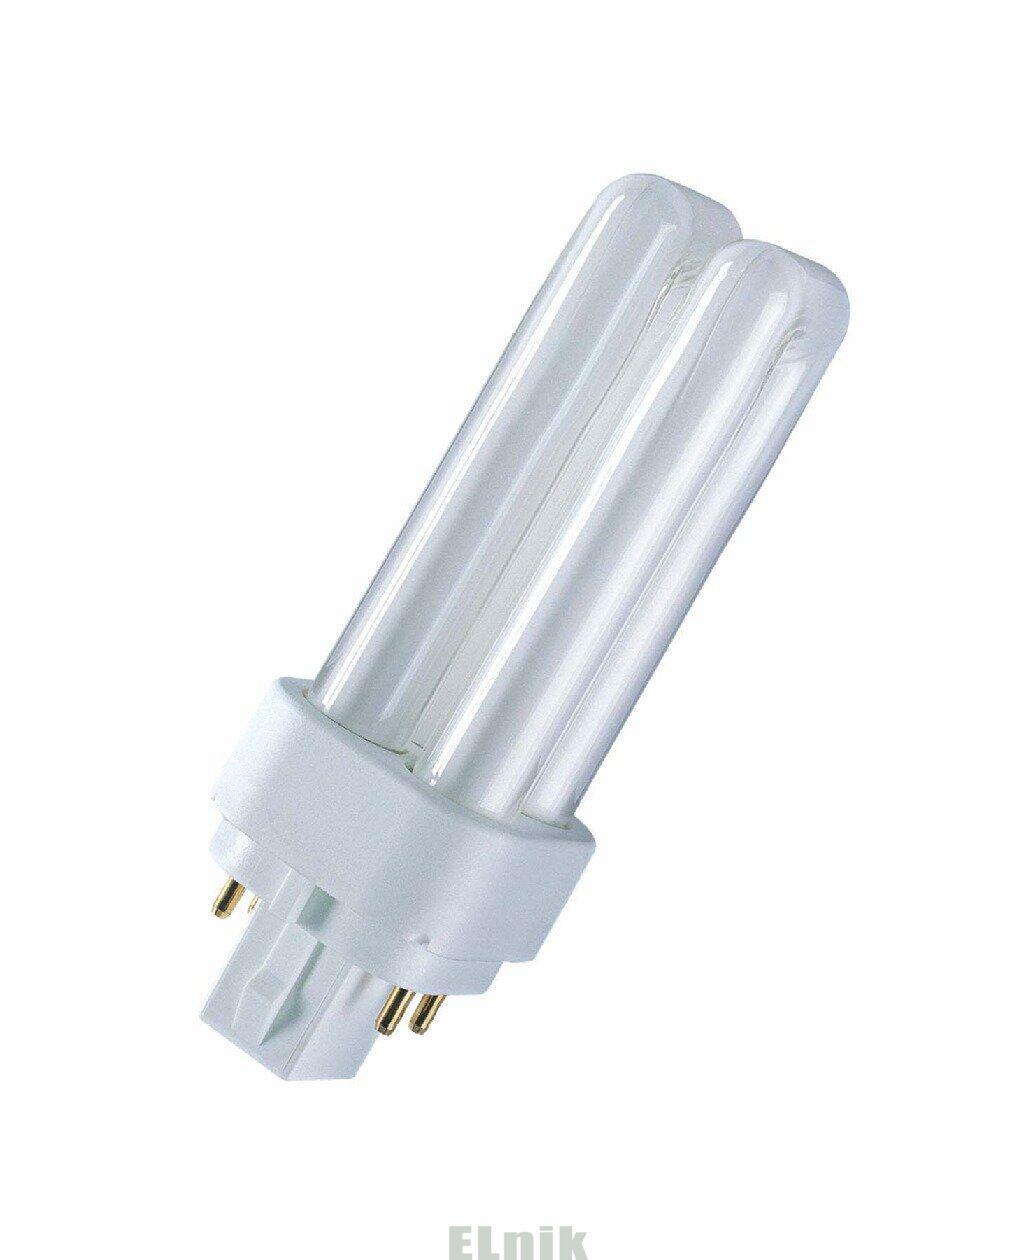 КЛЛ 26W/830 G24q-3 люминесцентная компактная лампа для ЭПРА DULUX D/E , ОСРАМ [4050300327235]